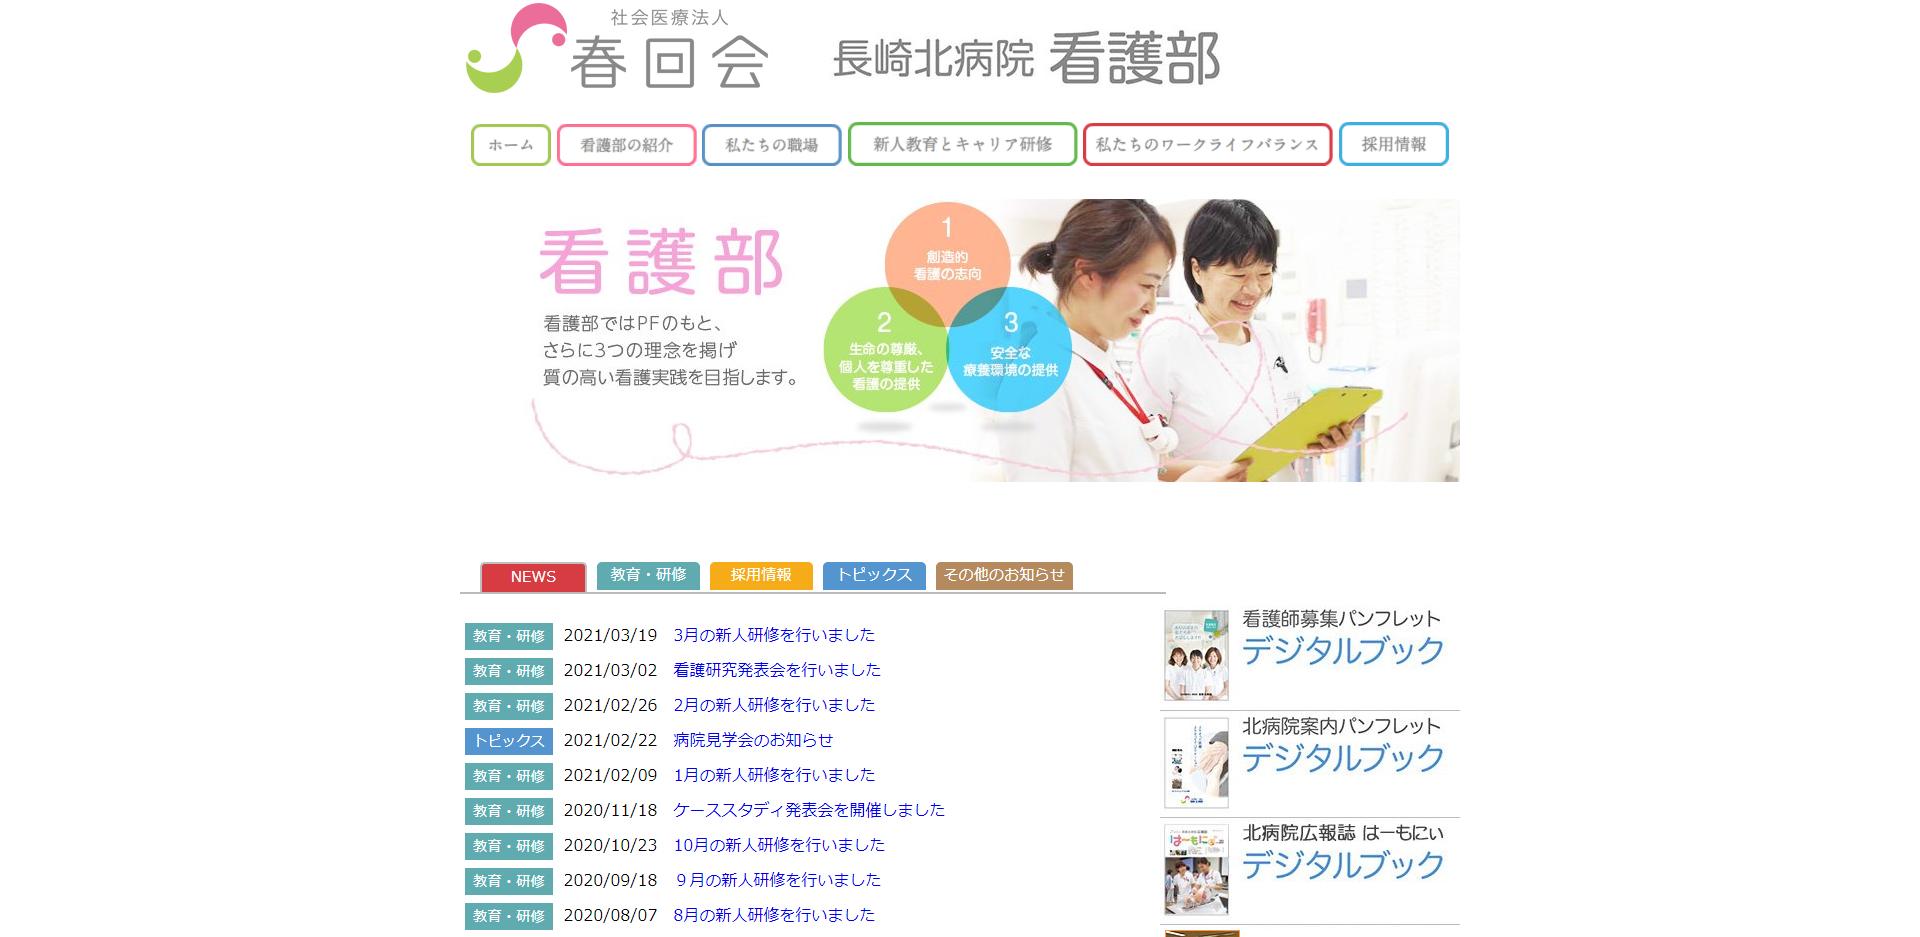 長崎北病院 看護